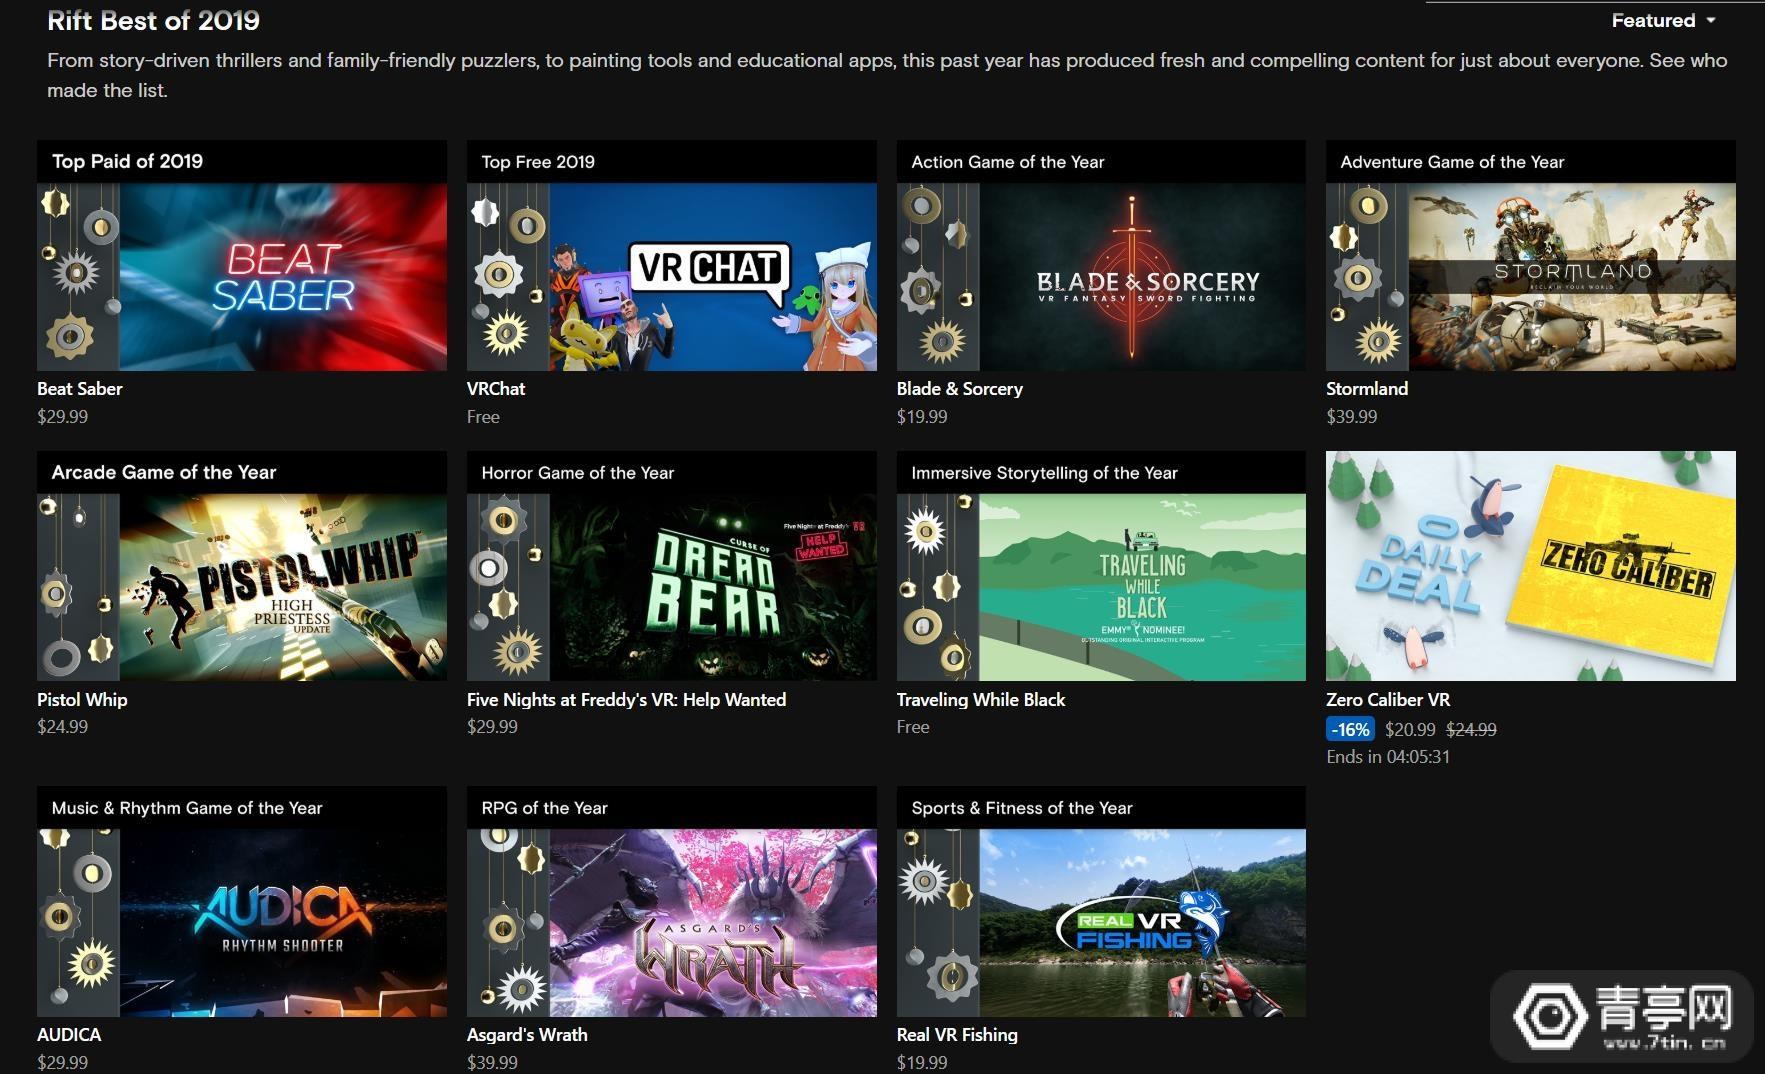 20款Quest应用营收超百万美元,Oculus Quest迎大改版